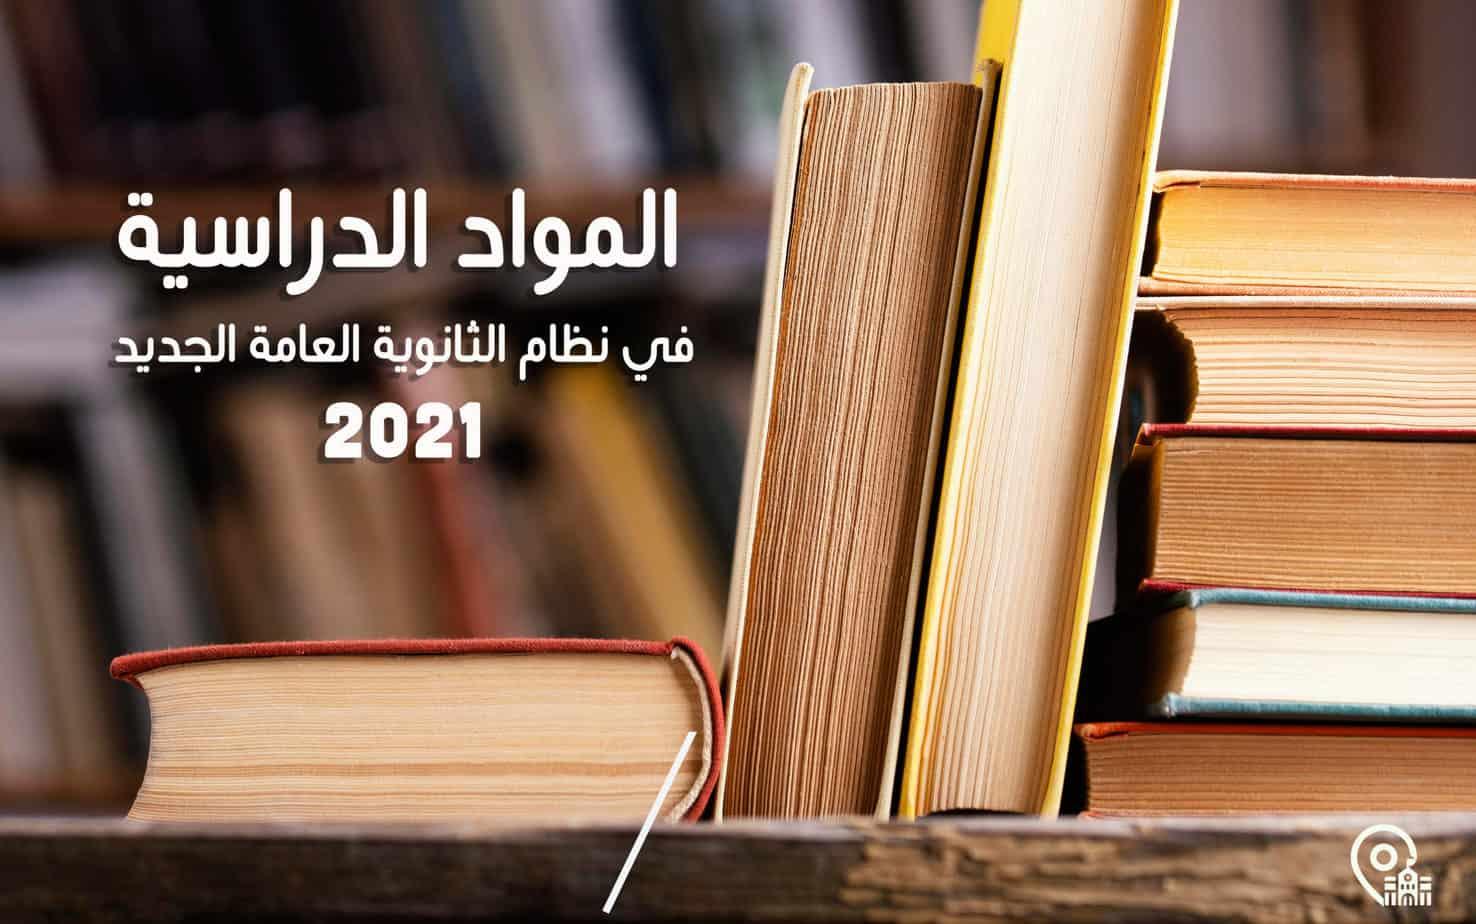 المواد الدراسية في نظام الثانوية العامة الجديد 2021